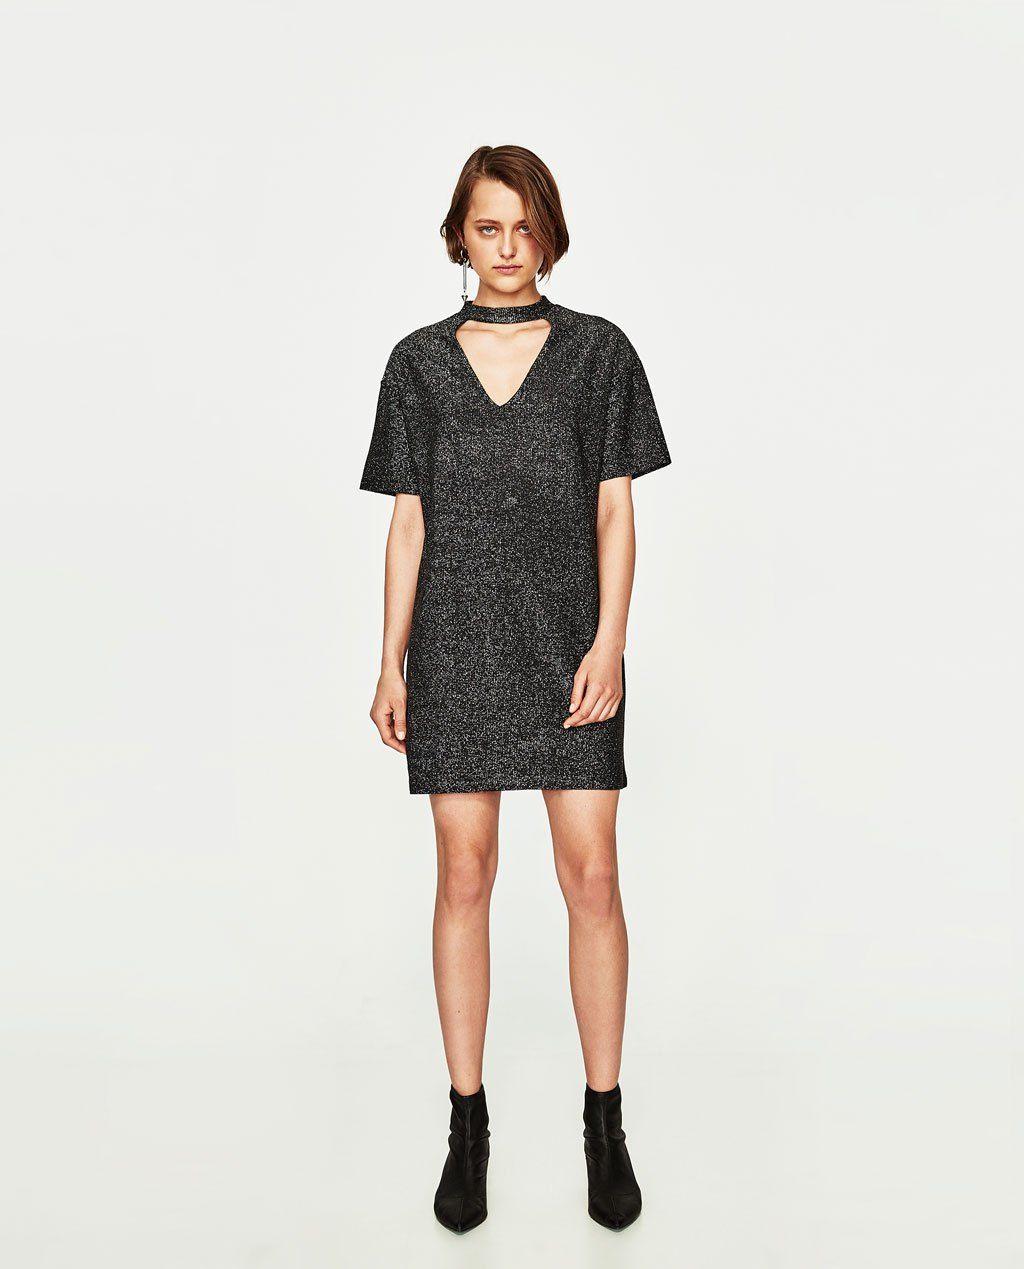 cbfef7b8b7e blog-de-mode-shopping-soldes-zara-robe-tour-de-cou-brillant